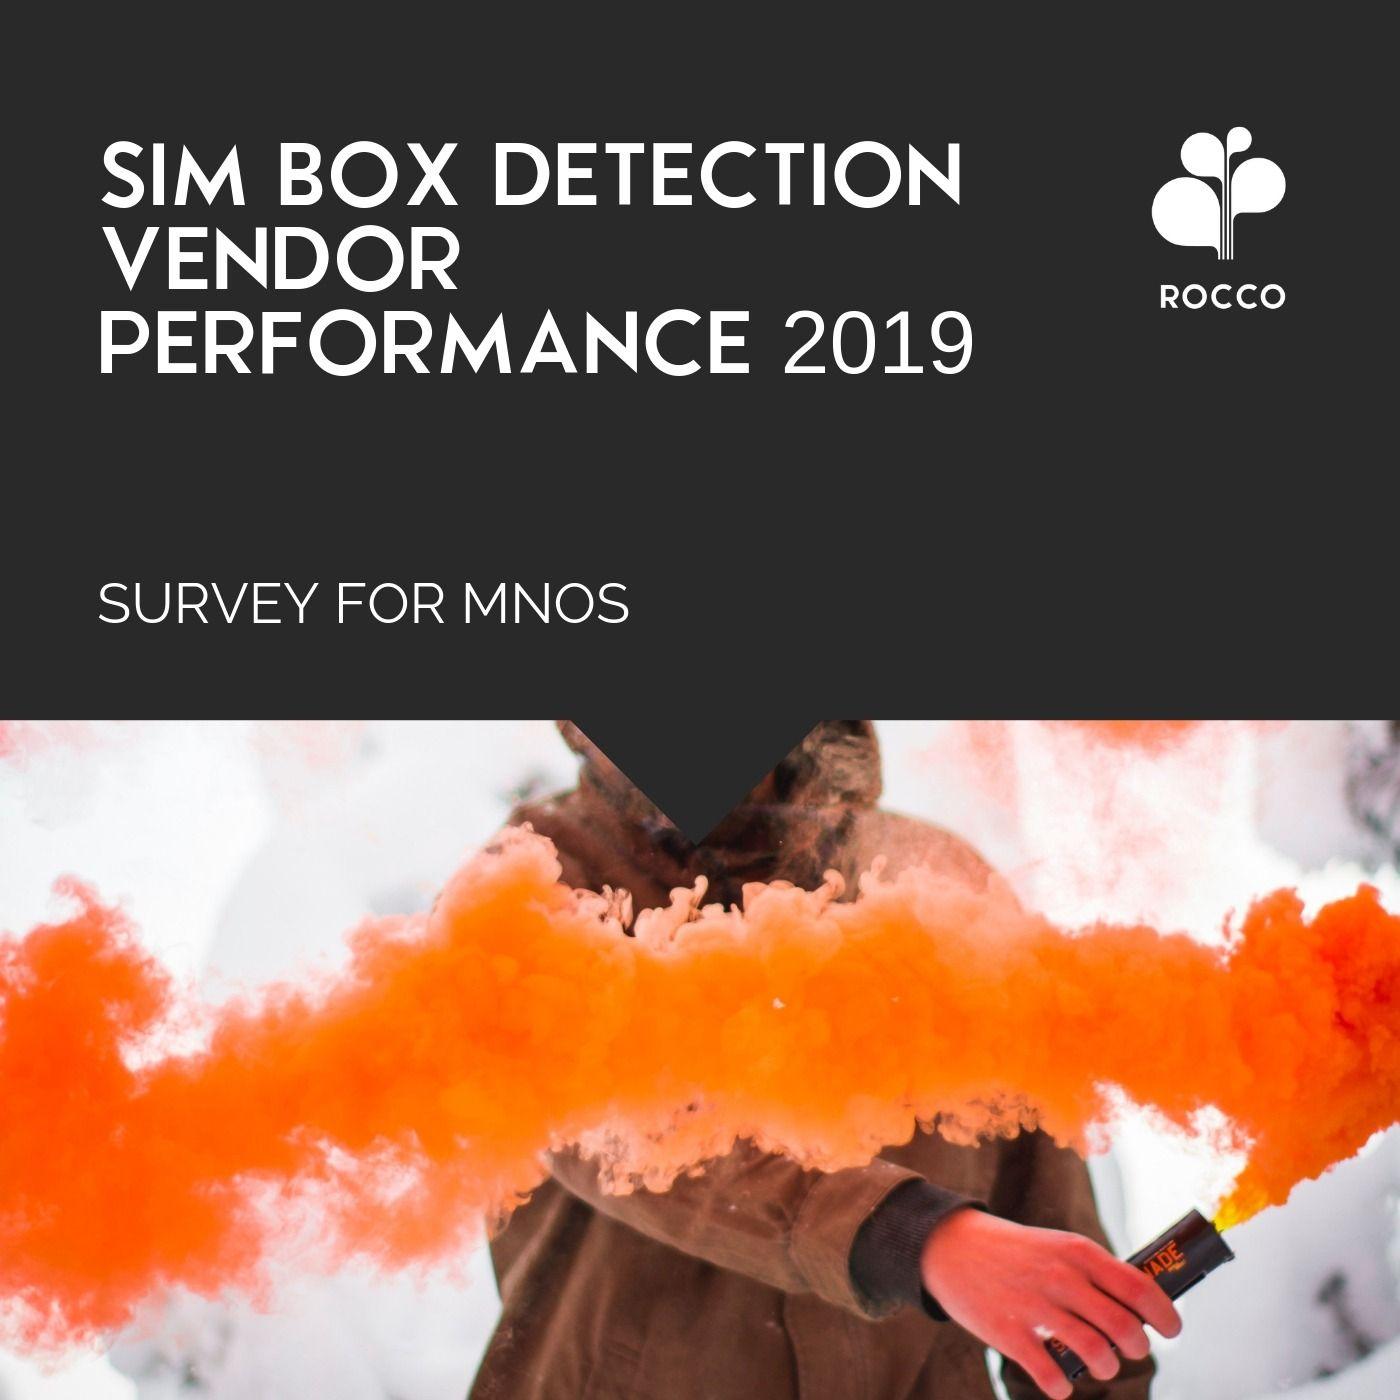 LAUNCH: SIM BOX Detection Vendor Performance 2019